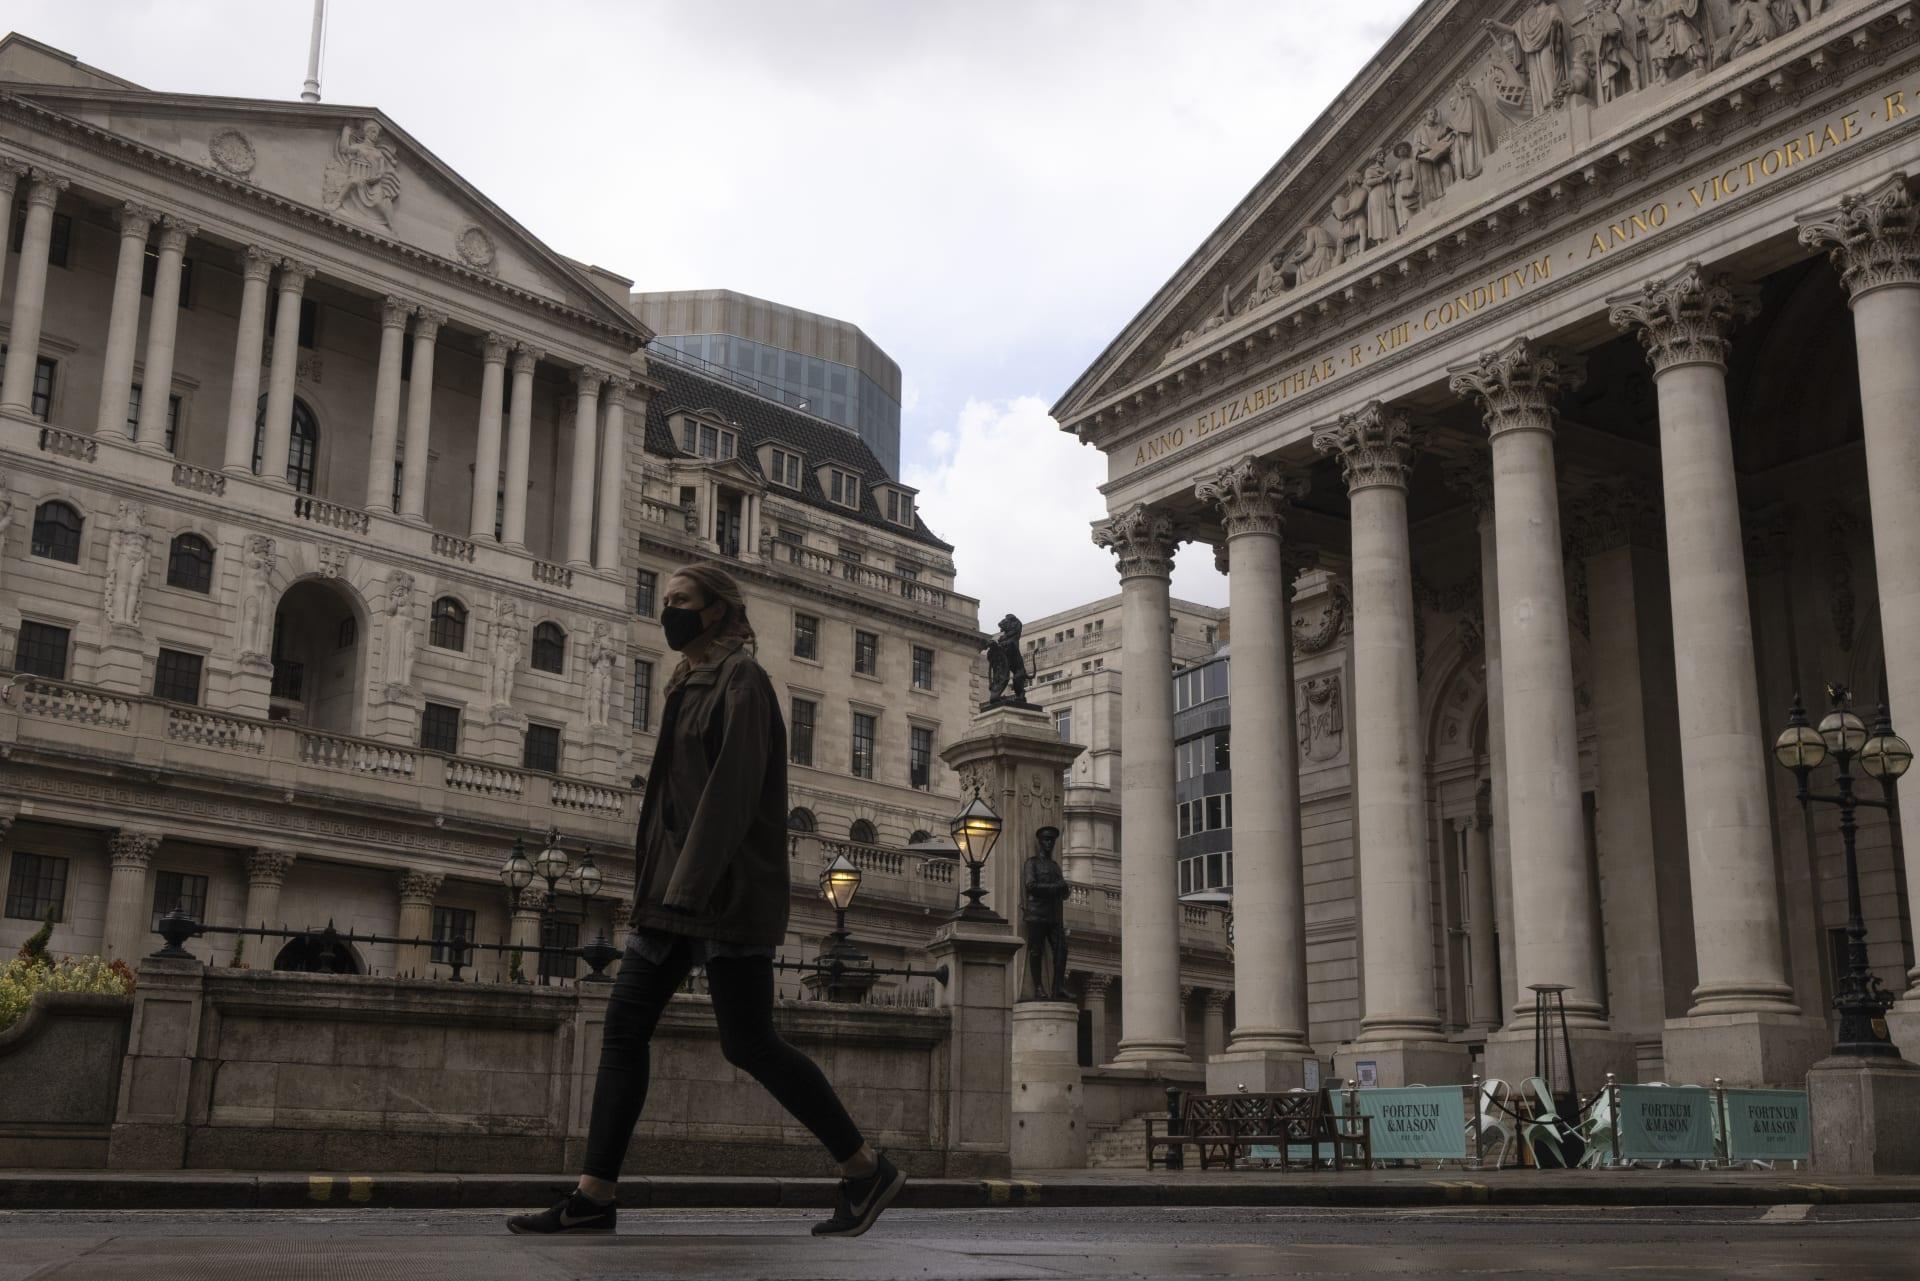 وسائل إعلام بريطانية: رفع قيود الإغلاق قد يتأخر لمدة تصل إلى 4 أسابيع